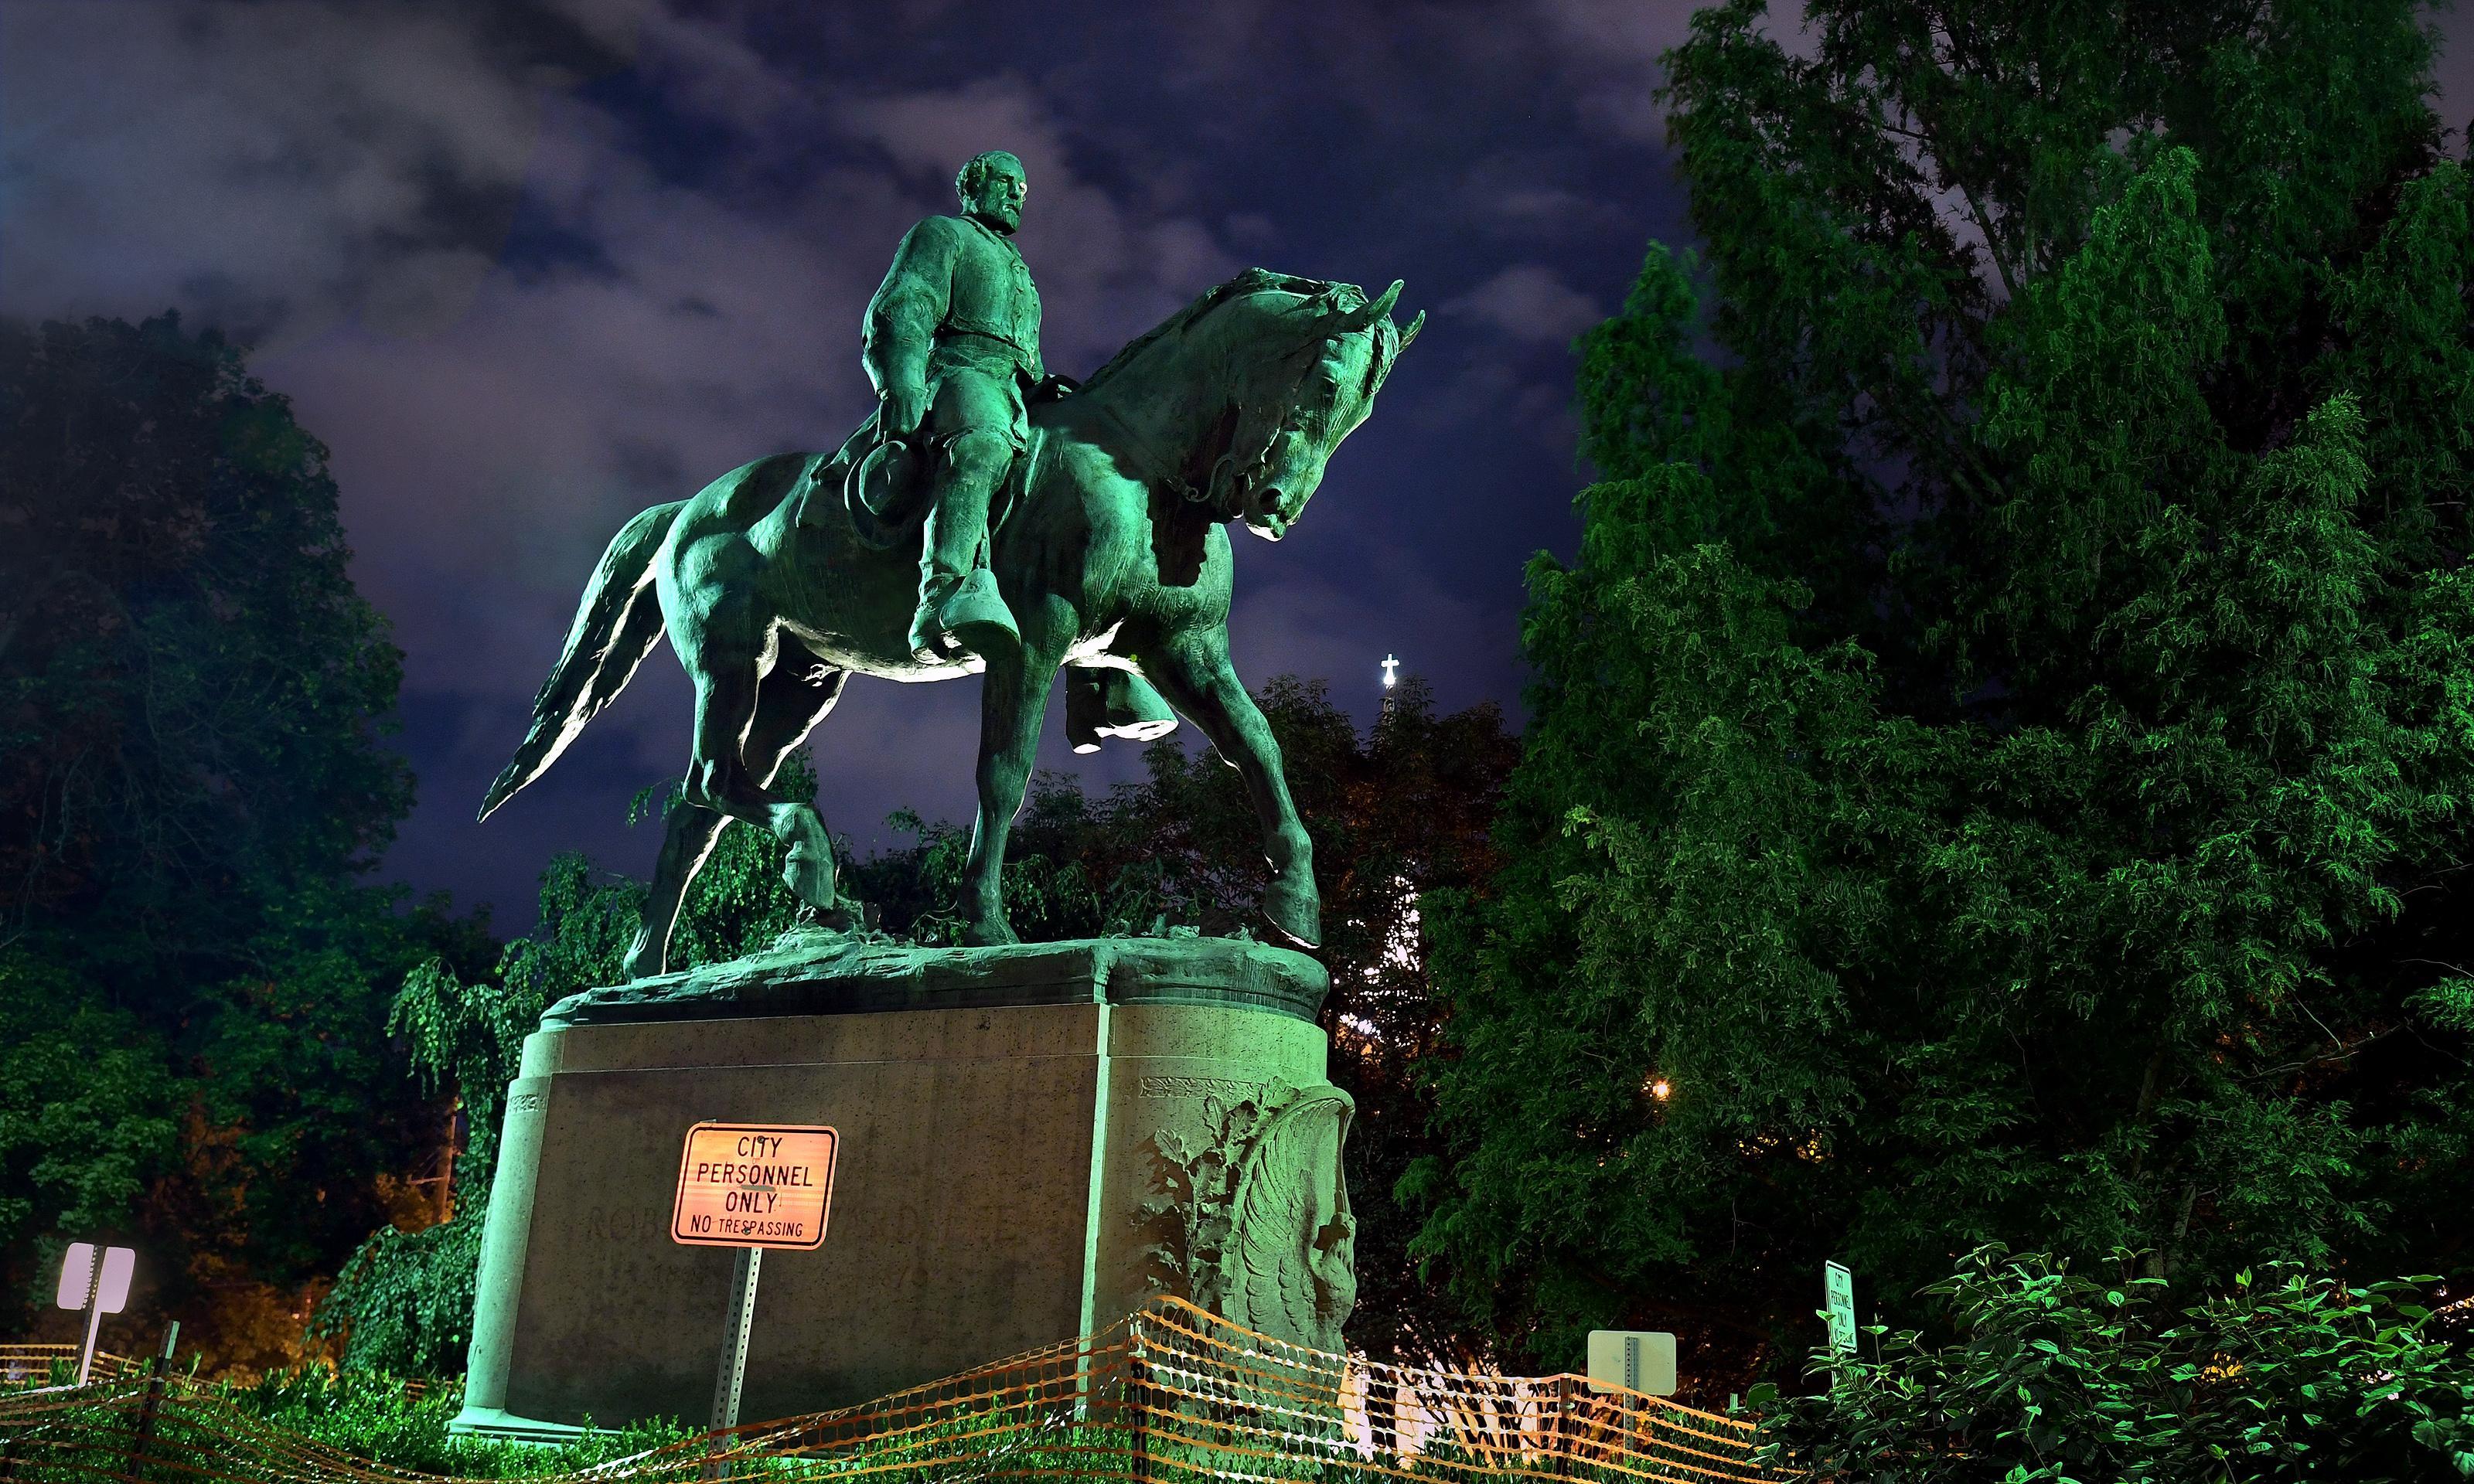 Judge blocks attempt to remove Charlottesville Confederate statues